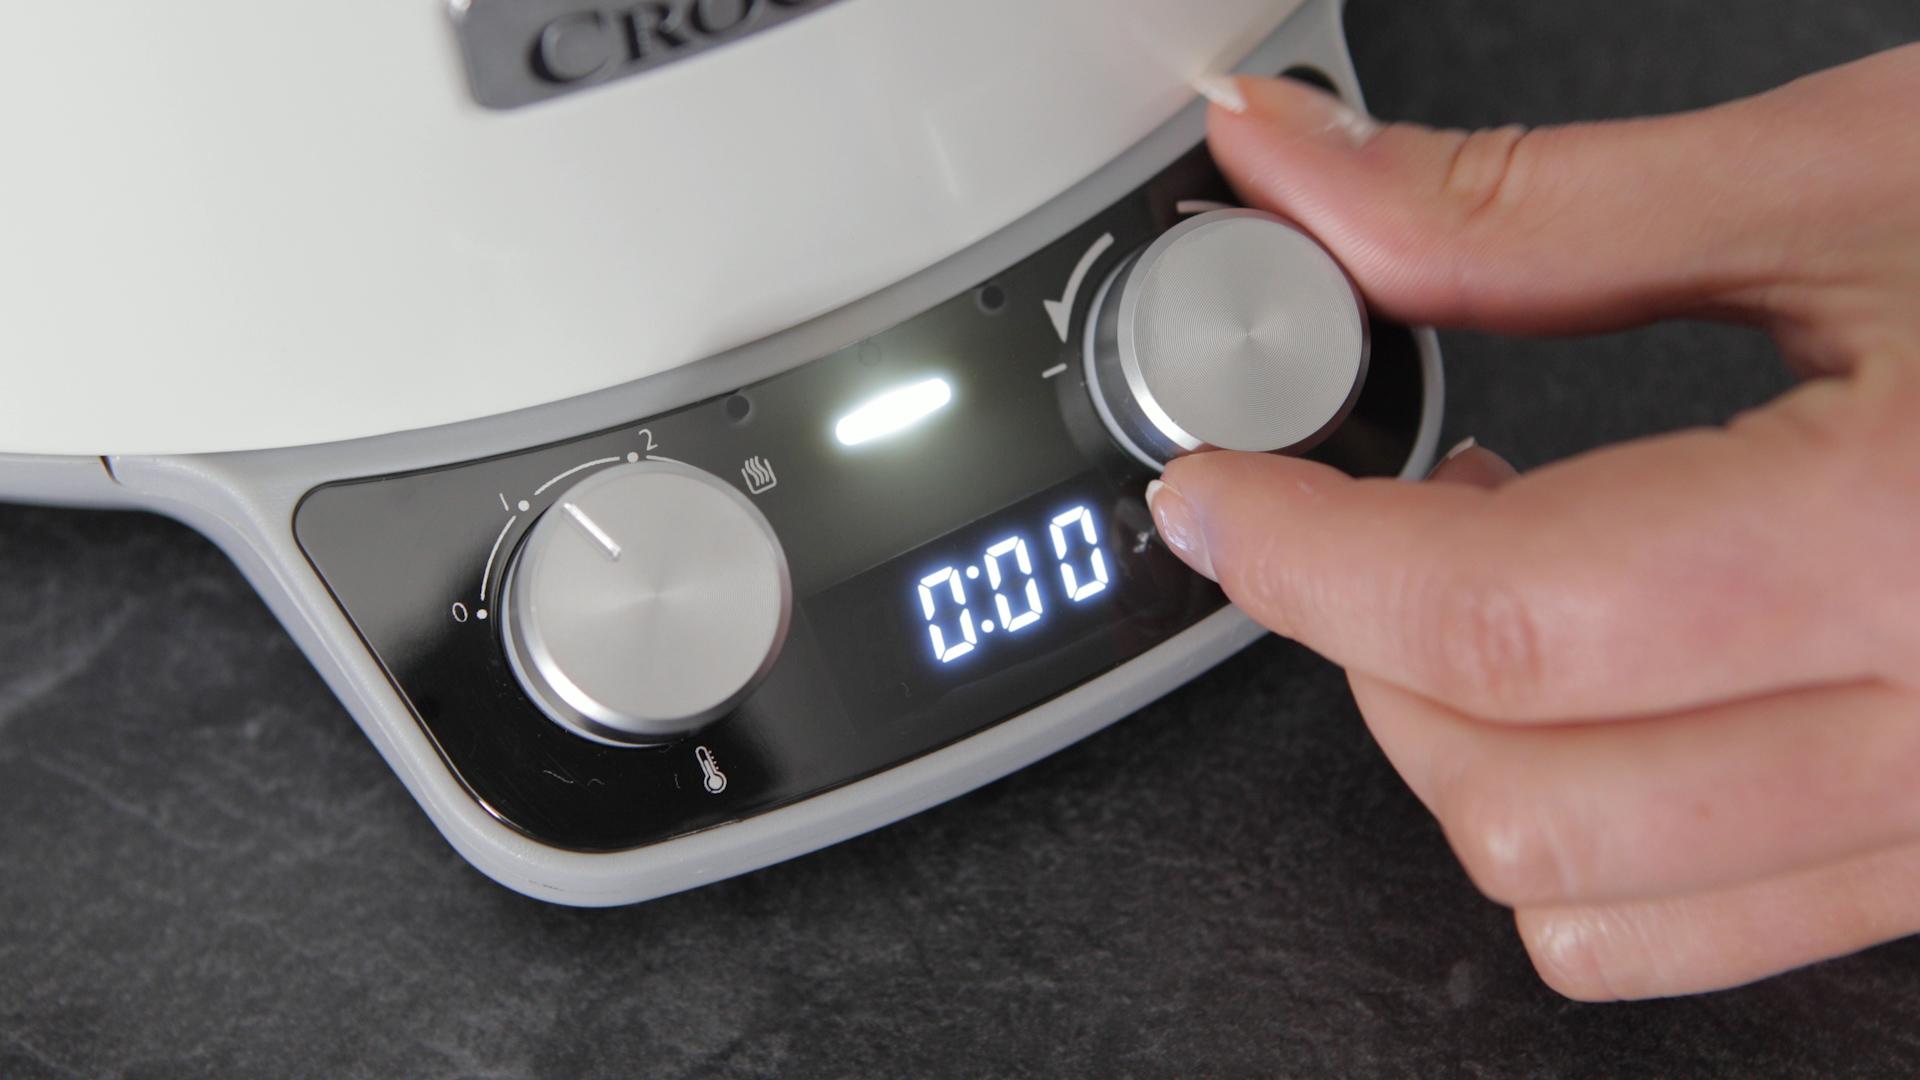 Wbudowany timer Crock-Pot DuraCeramic bardzo ułatwia programowanie działania wolnowaru.